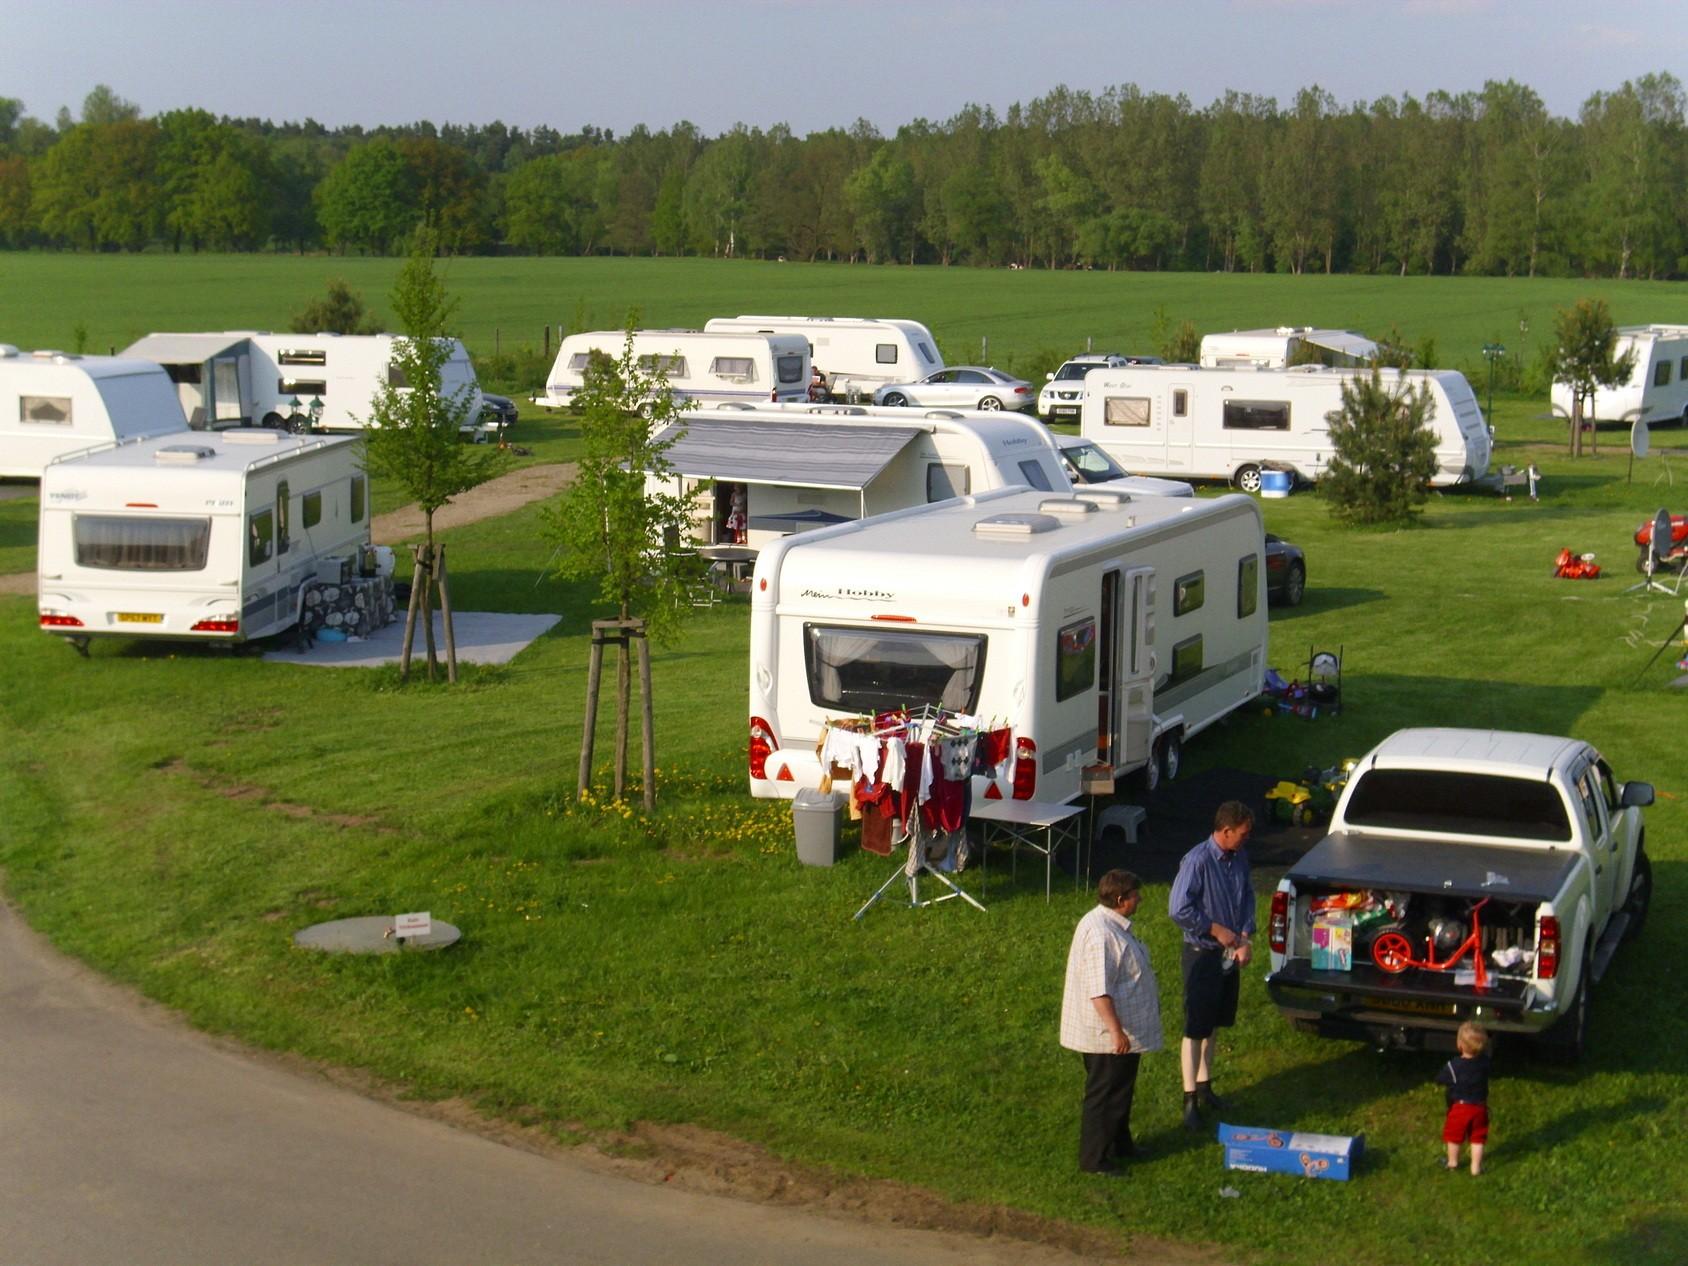 Duitsland-RothenburgOL-NeieCamp-ExtraLarge Campings Duitsland